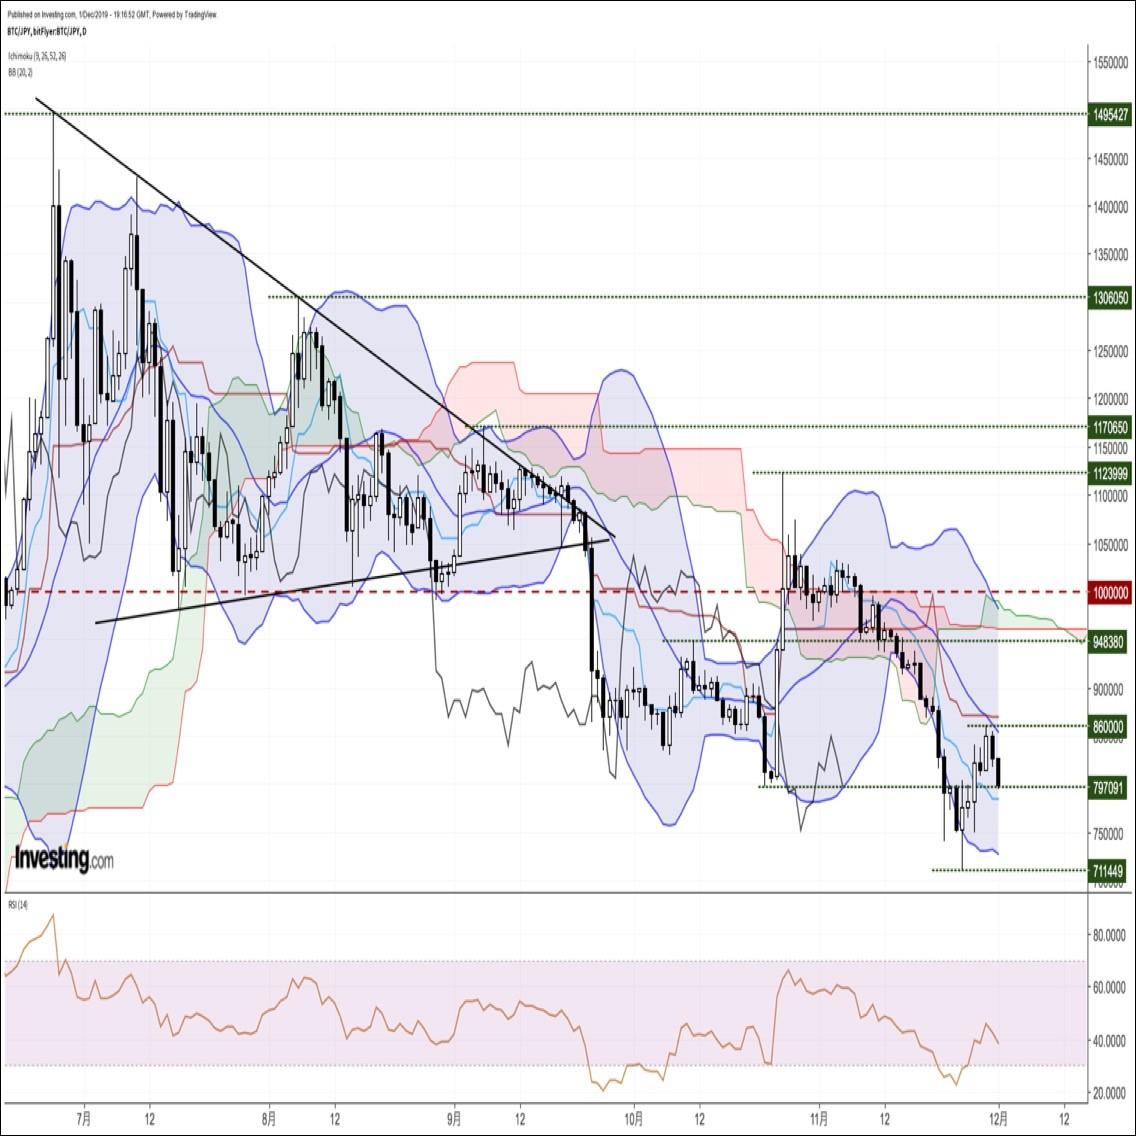 ビットコイン円、買い戻し一巡後に再び下落。フィボナッチ38.2%押しを割り込む展開(12/2朝)